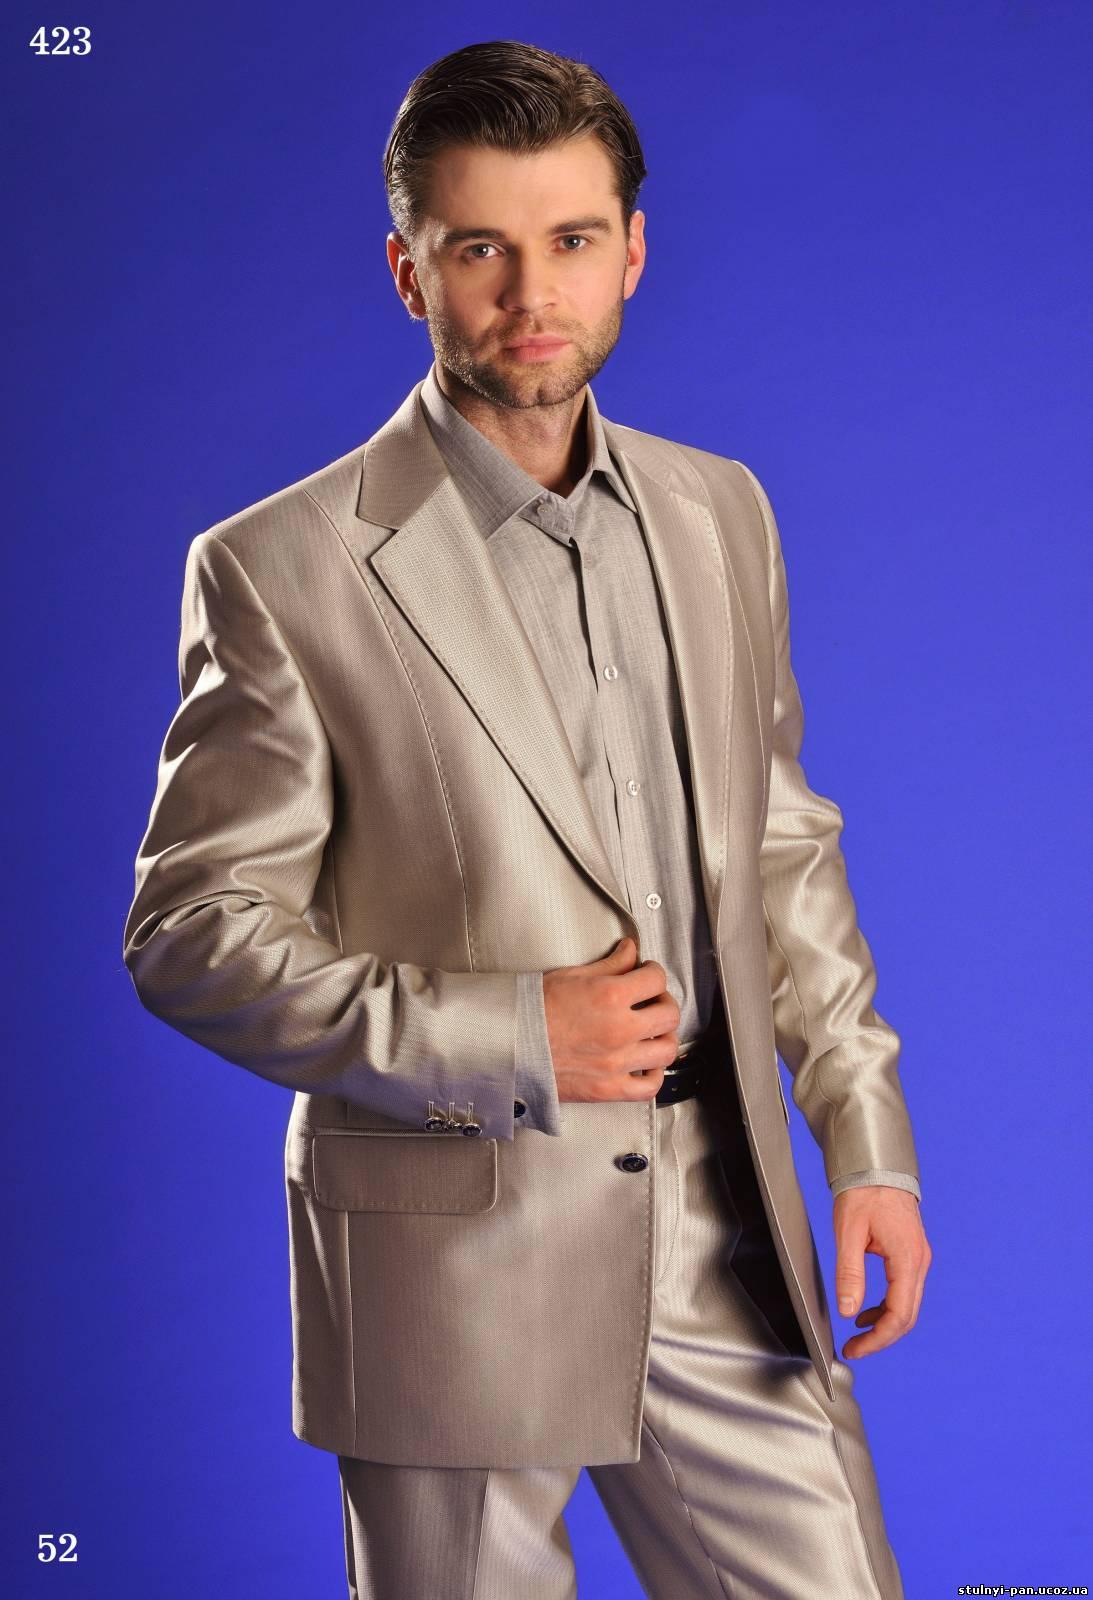 Каталог костюмов мужских 5